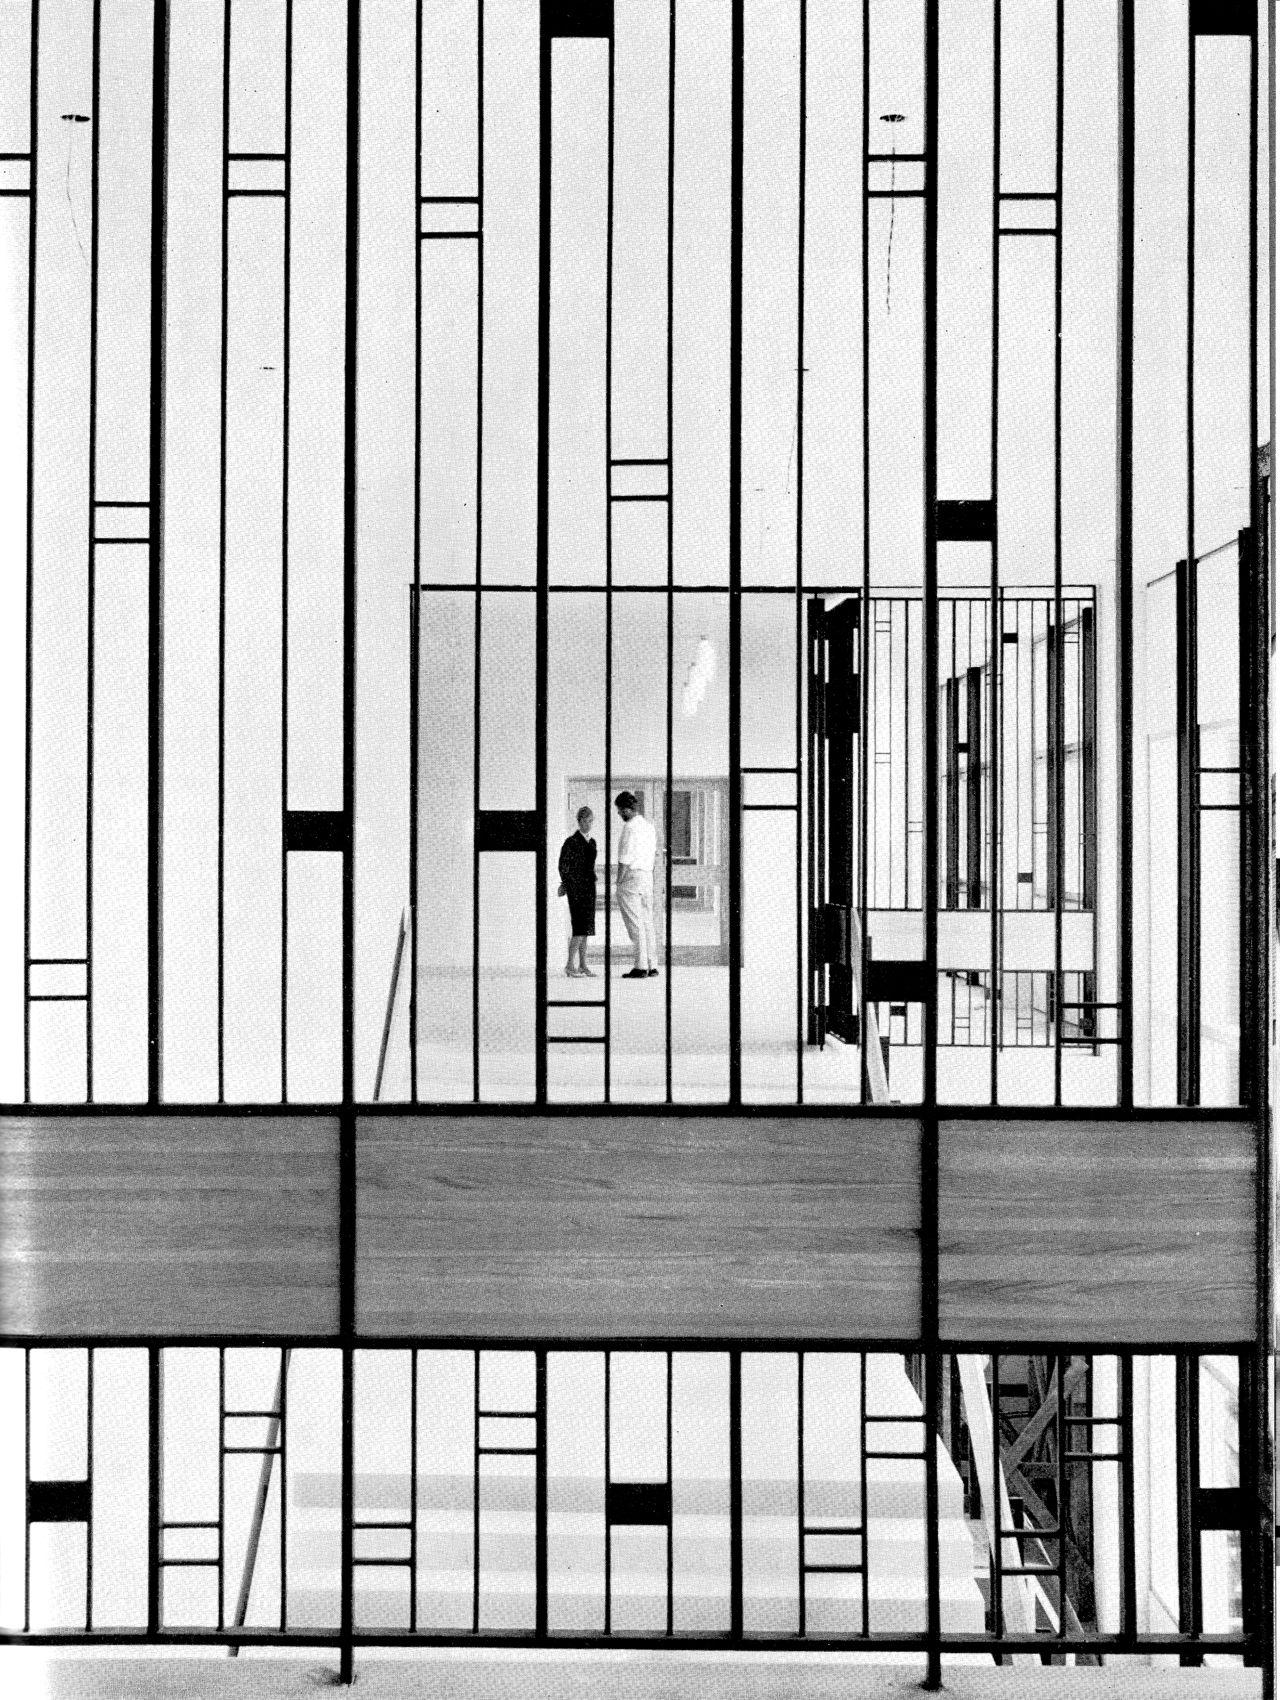 Konstfackskolan college of arts crafts and design in stockholm